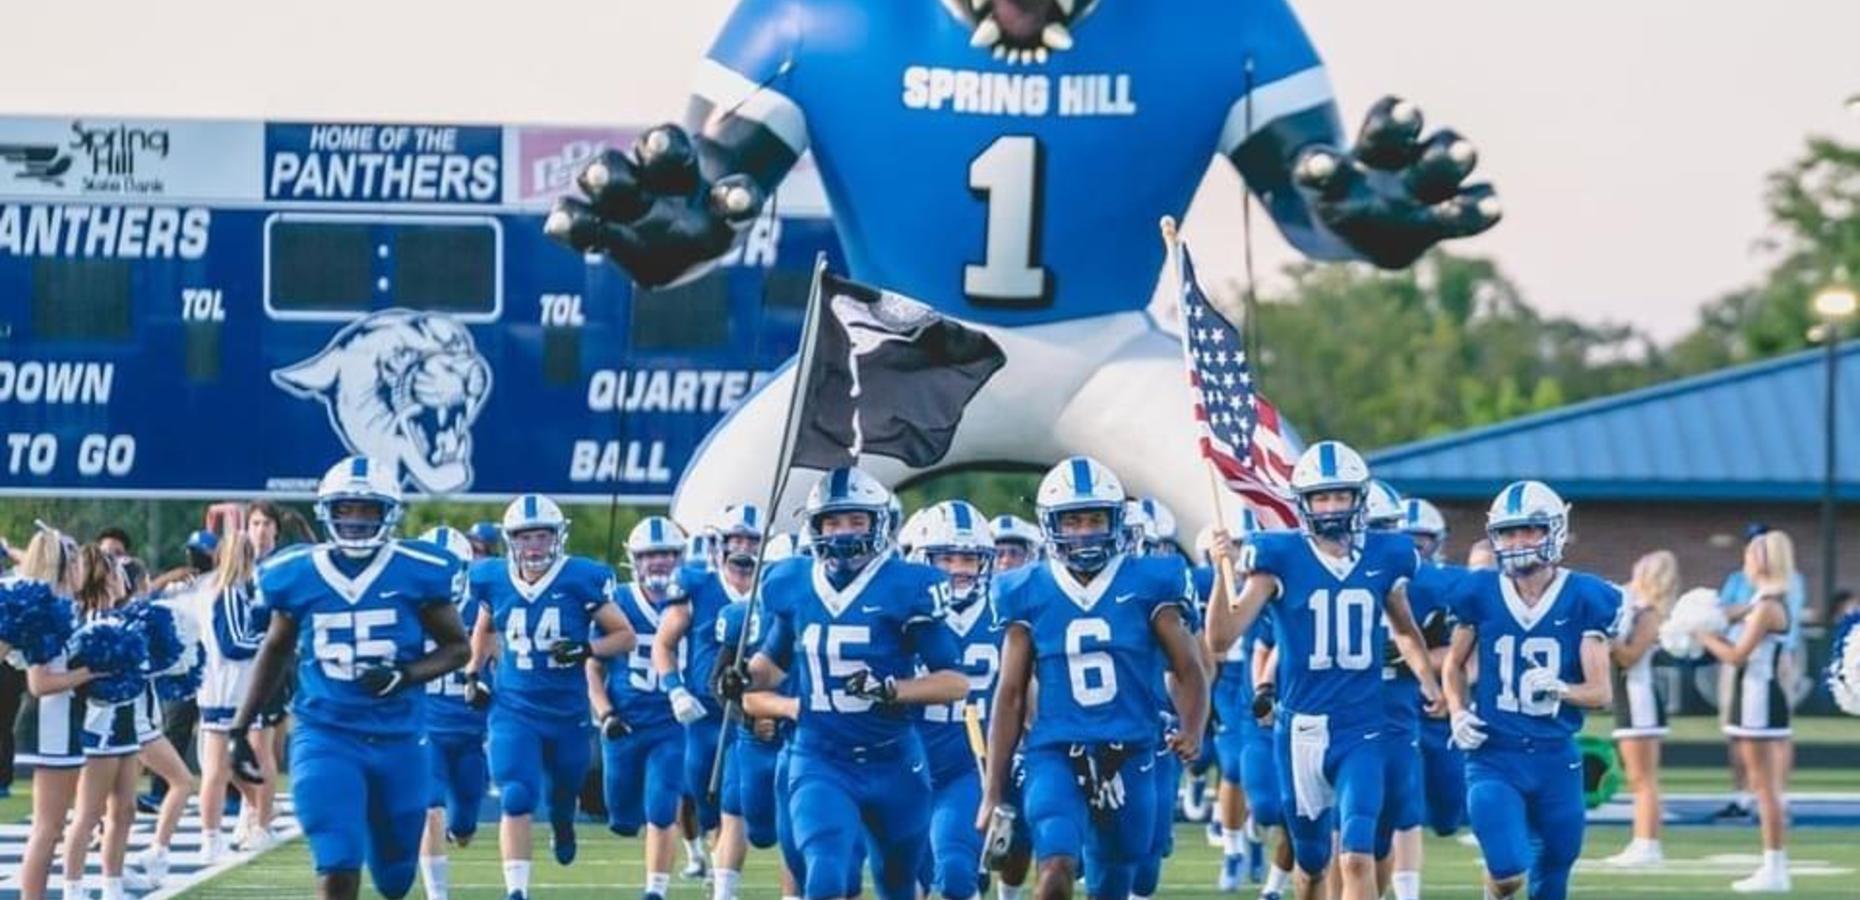 2020 Spring Hill football